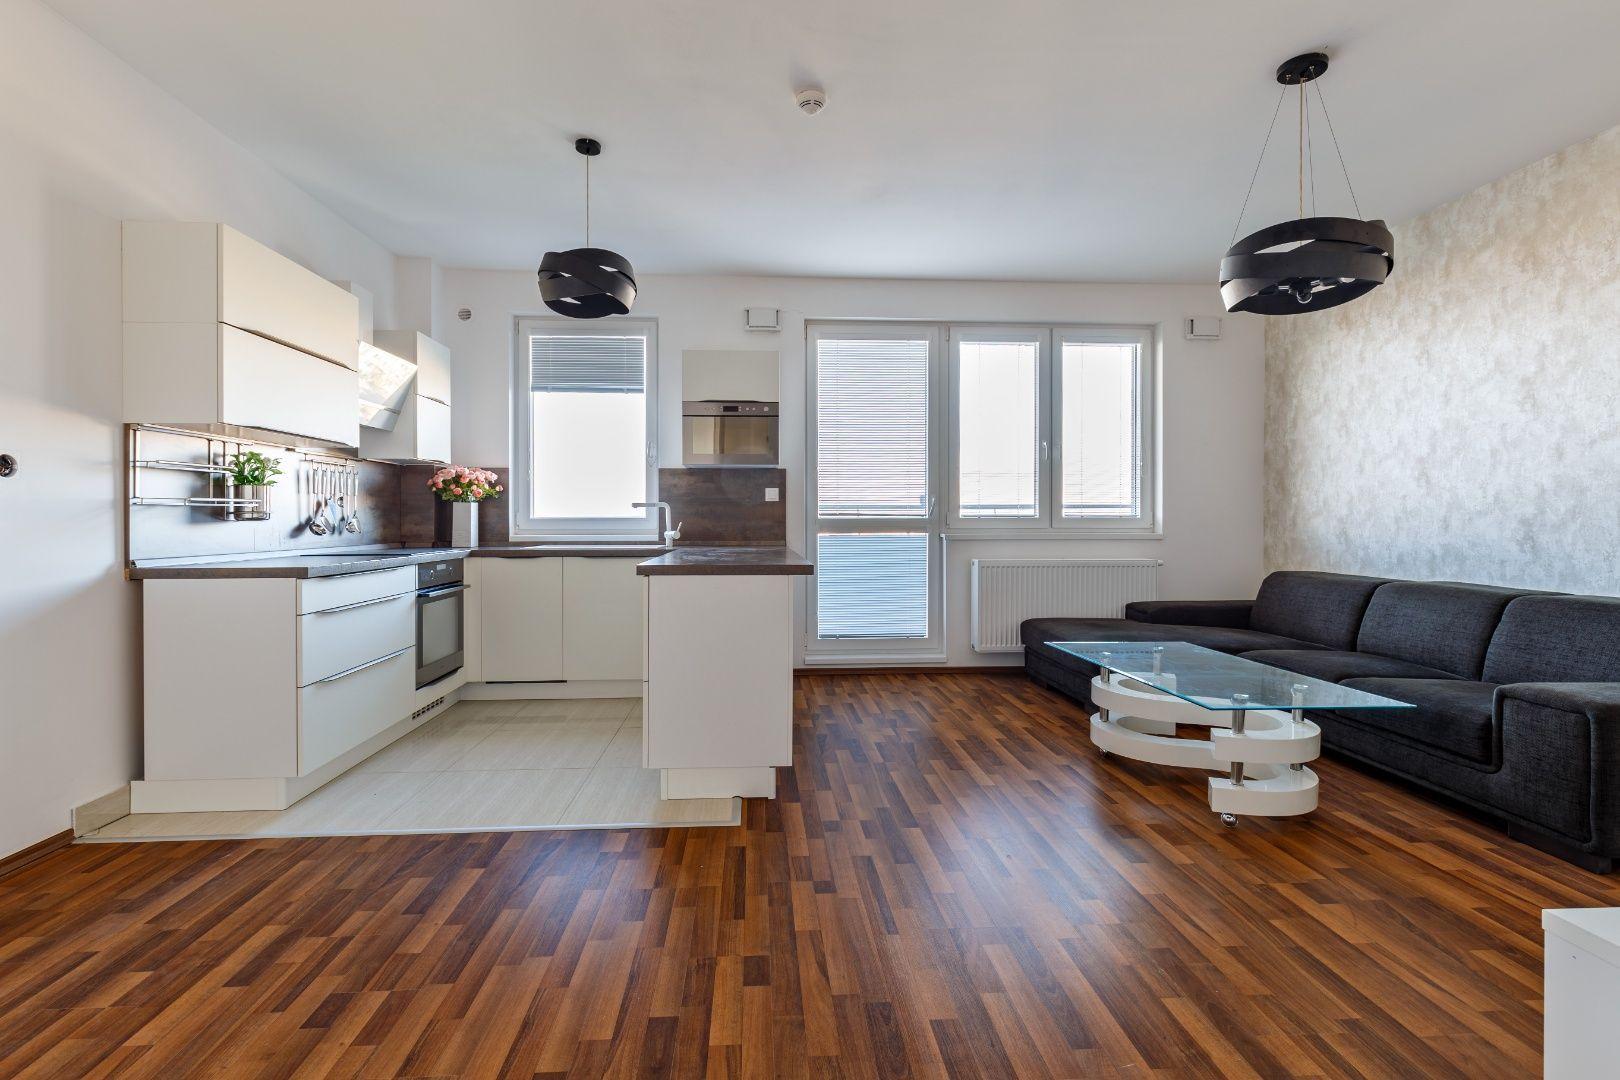 4-izbový byt-Predaj-Bratislava - mestská časť Ružinov-295 000 €